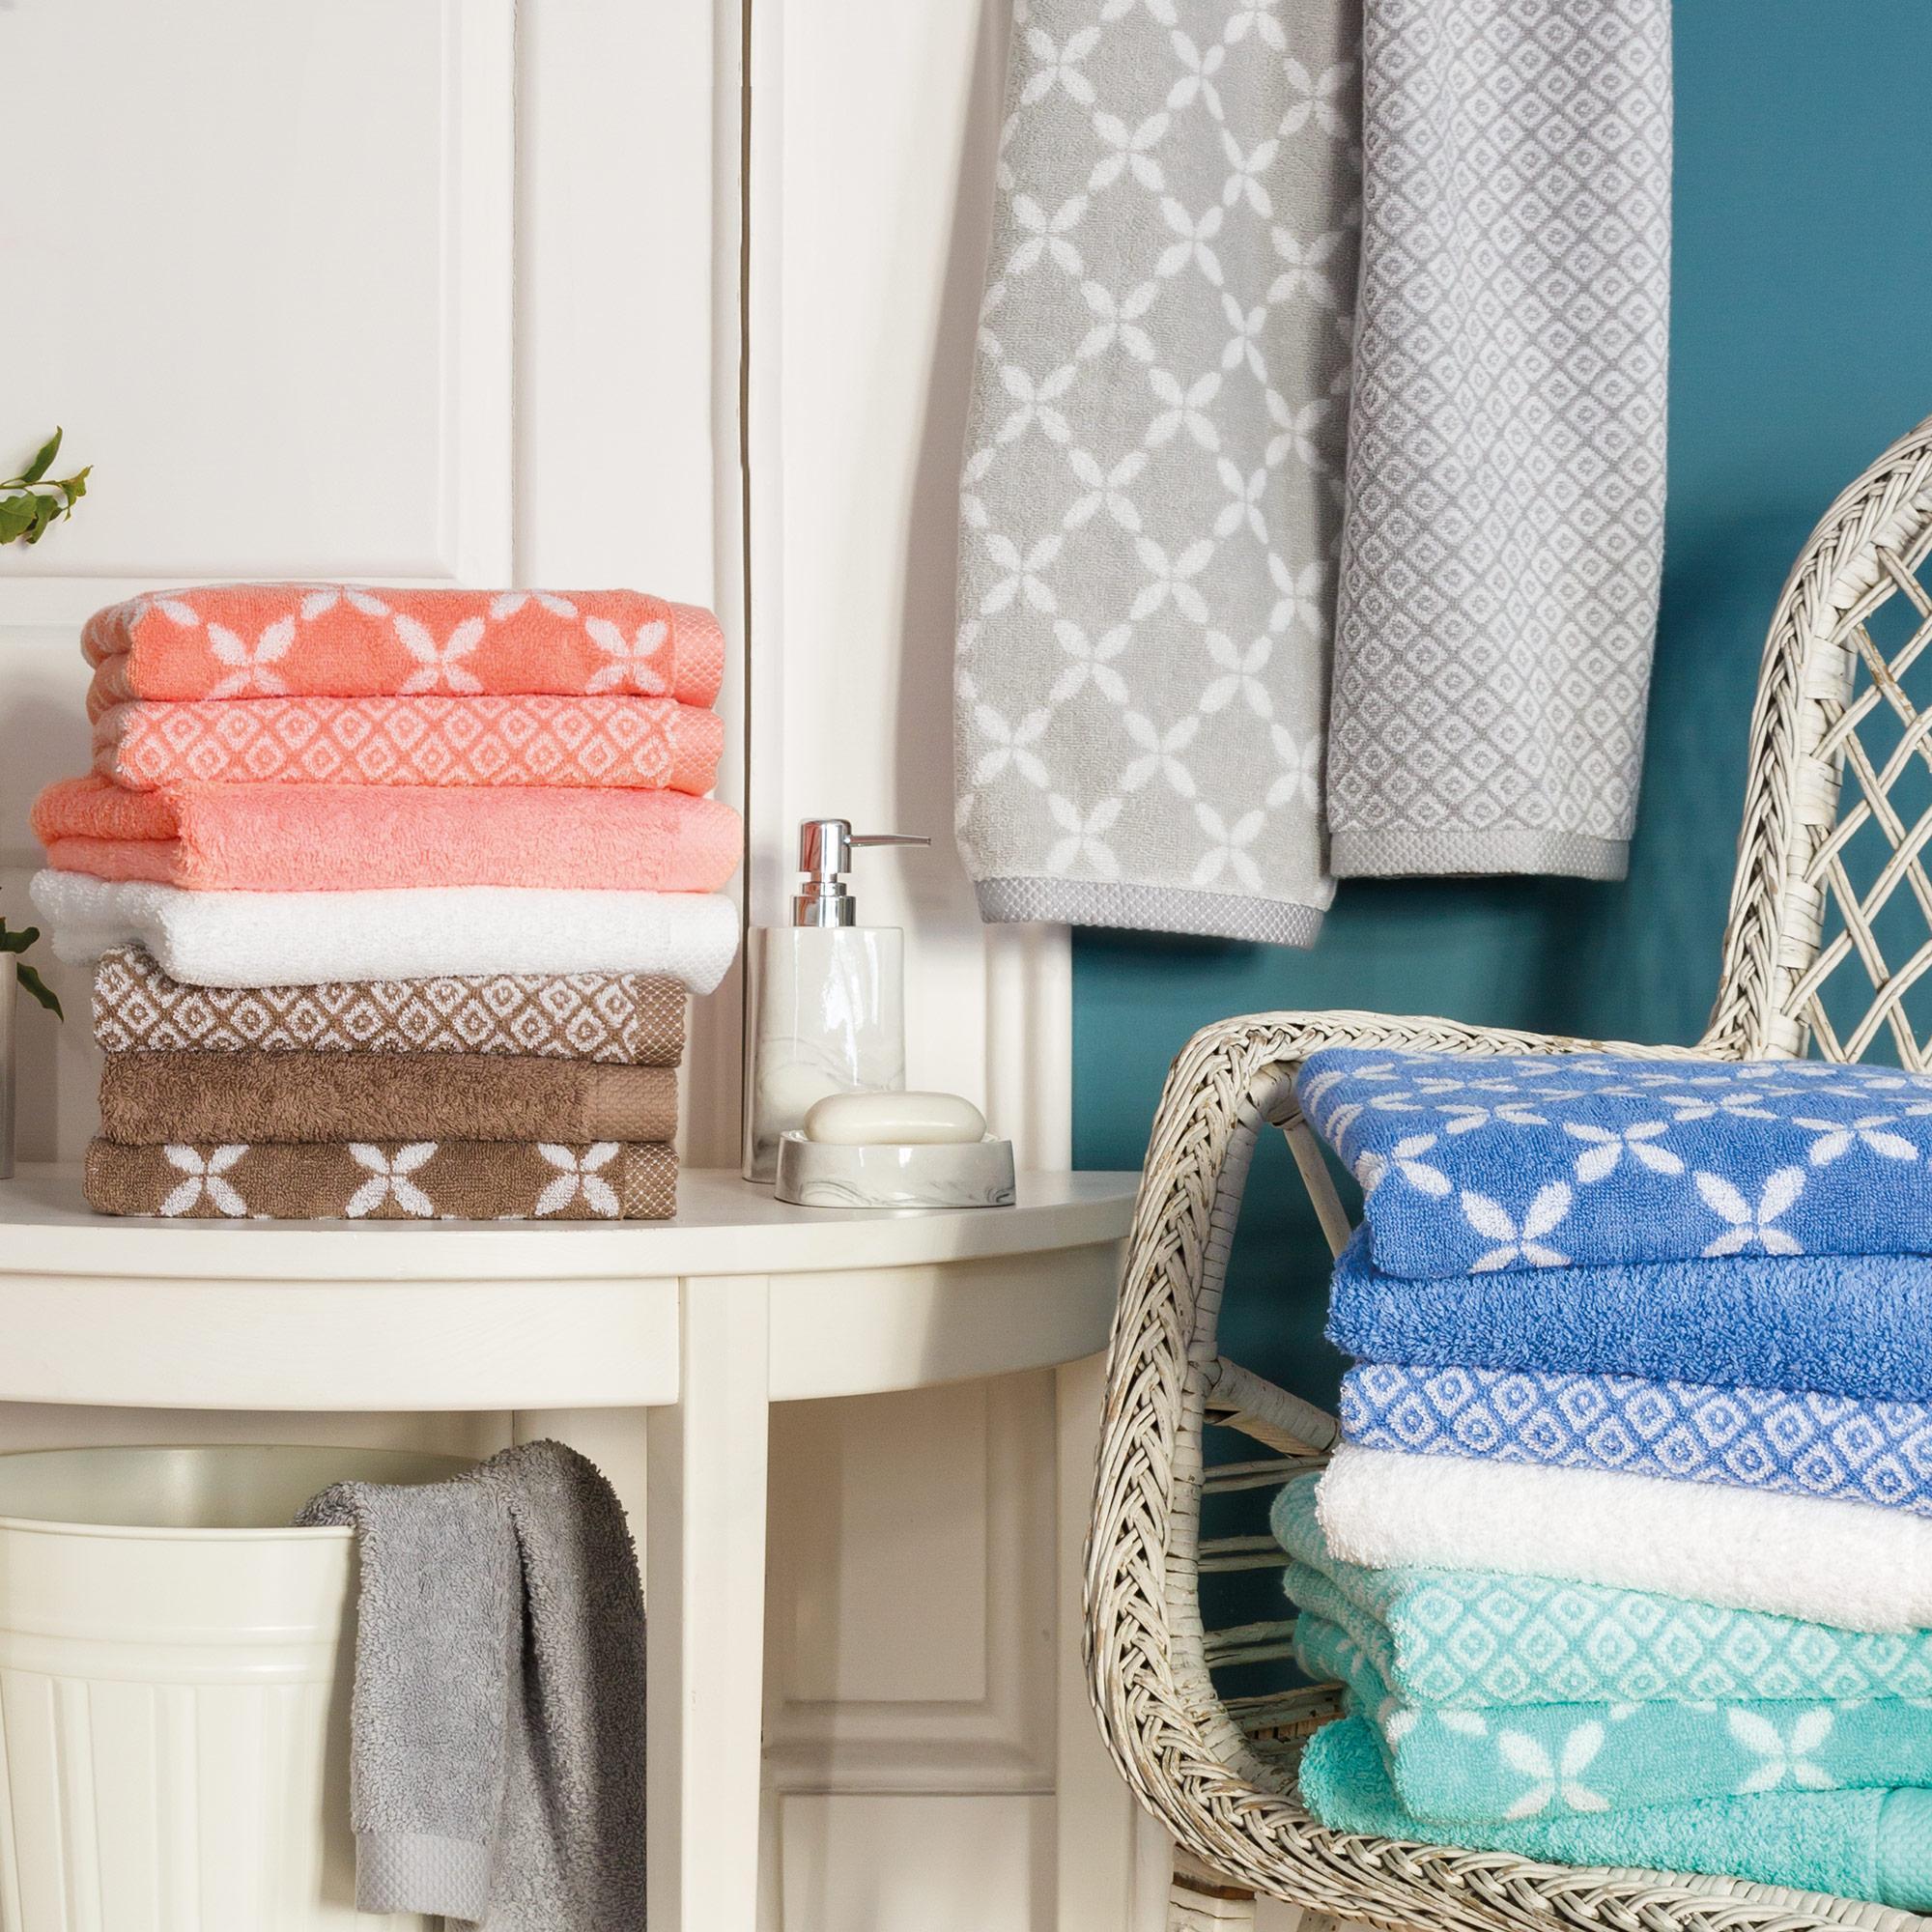 drap de douche 70x140 cm coton shibori mosaic beige linnea linge de maison et. Black Bedroom Furniture Sets. Home Design Ideas